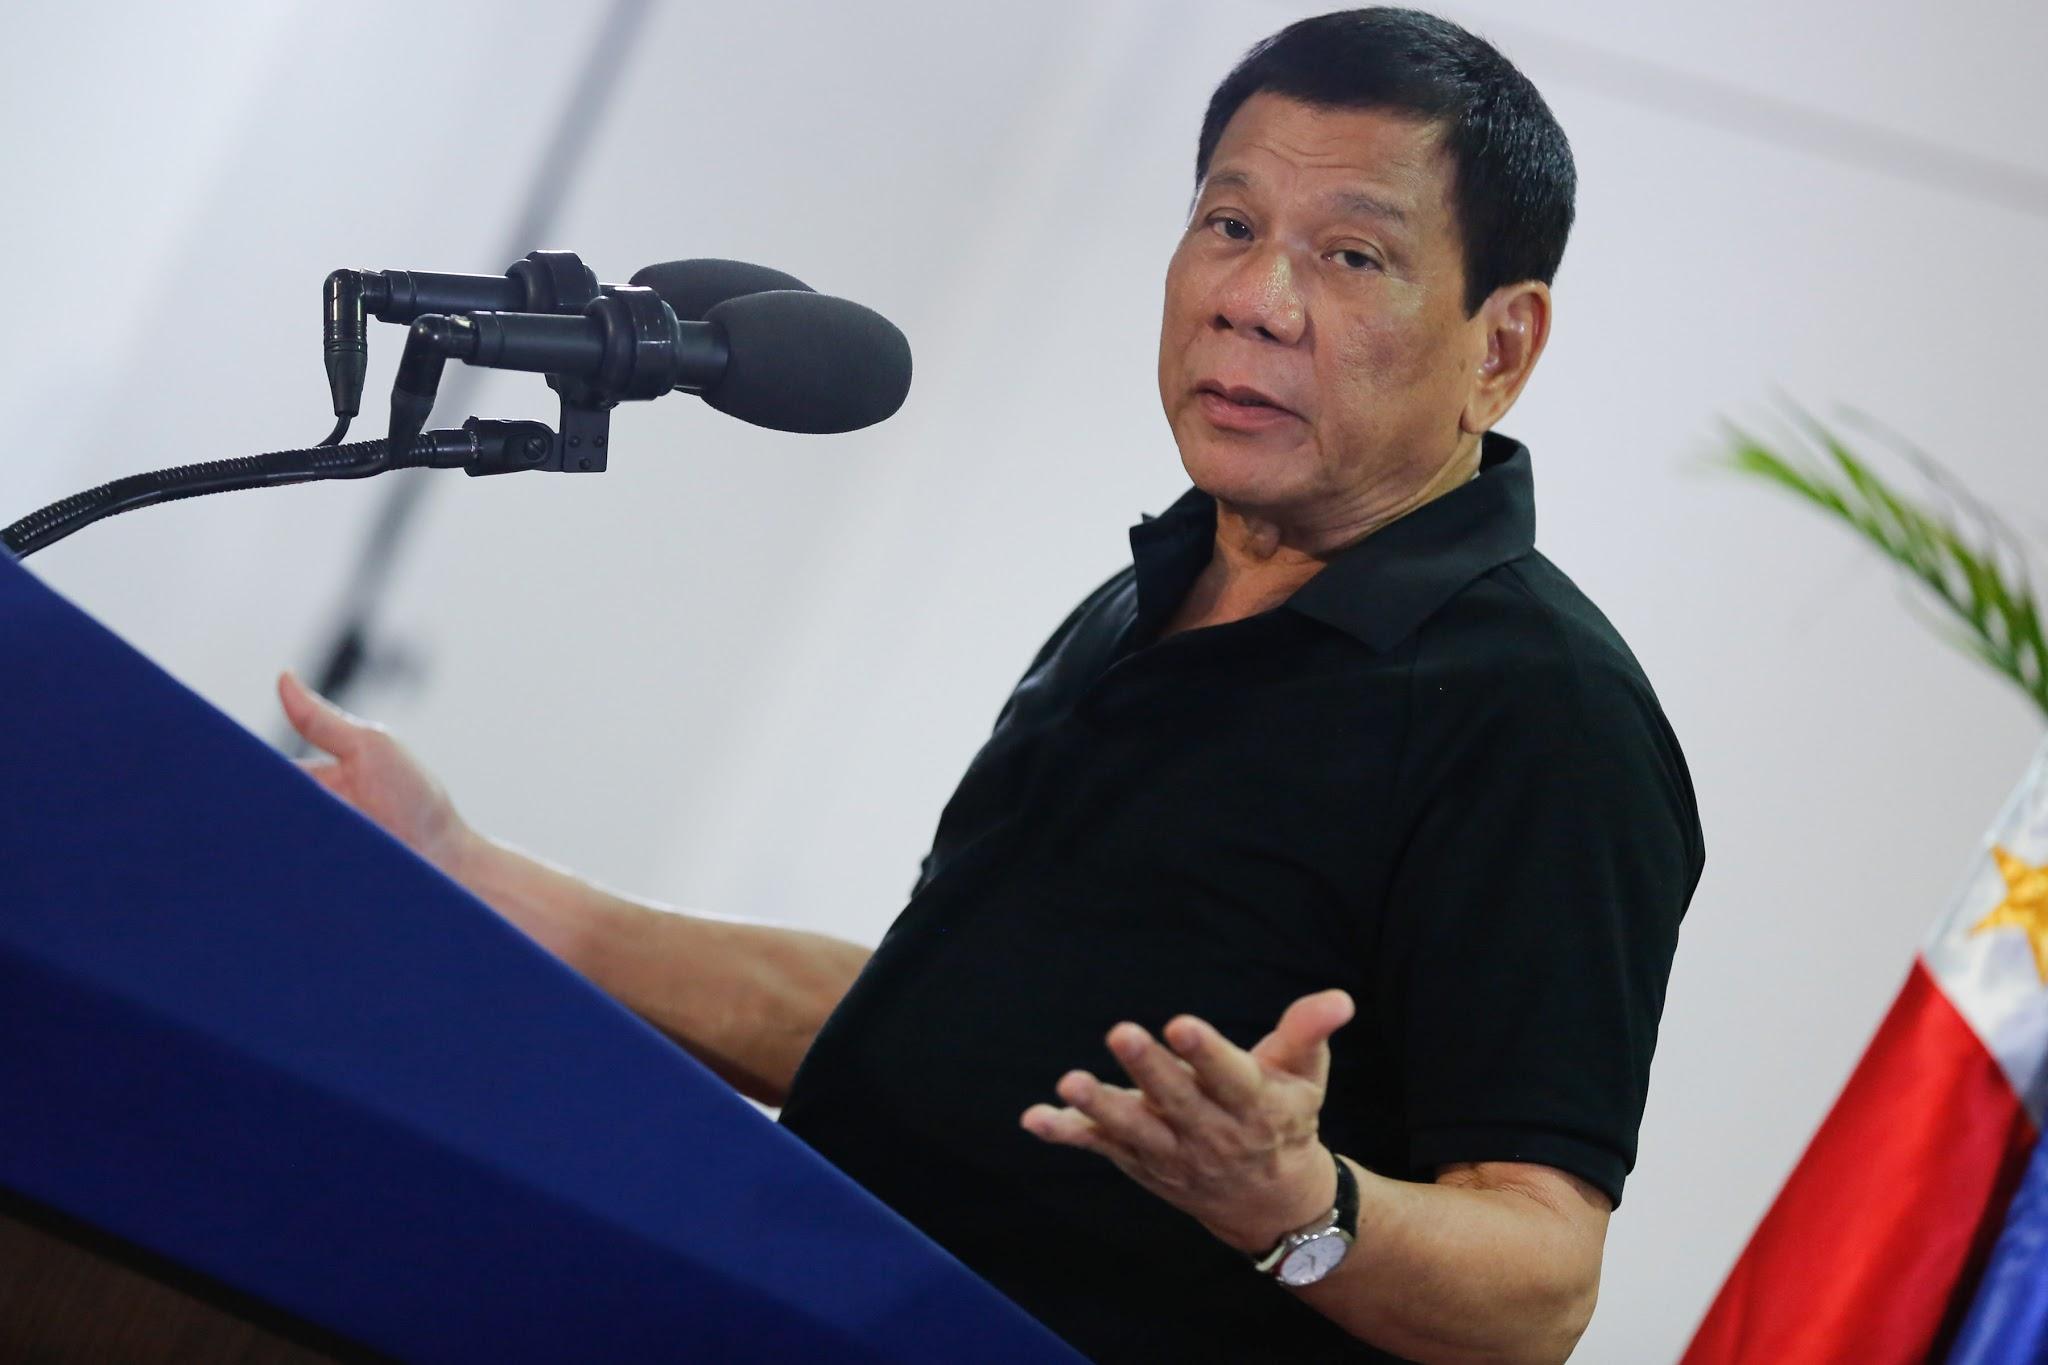 菲律賓總統杜特蒂稱菲共為「恐怖份子」(圖: 維基)